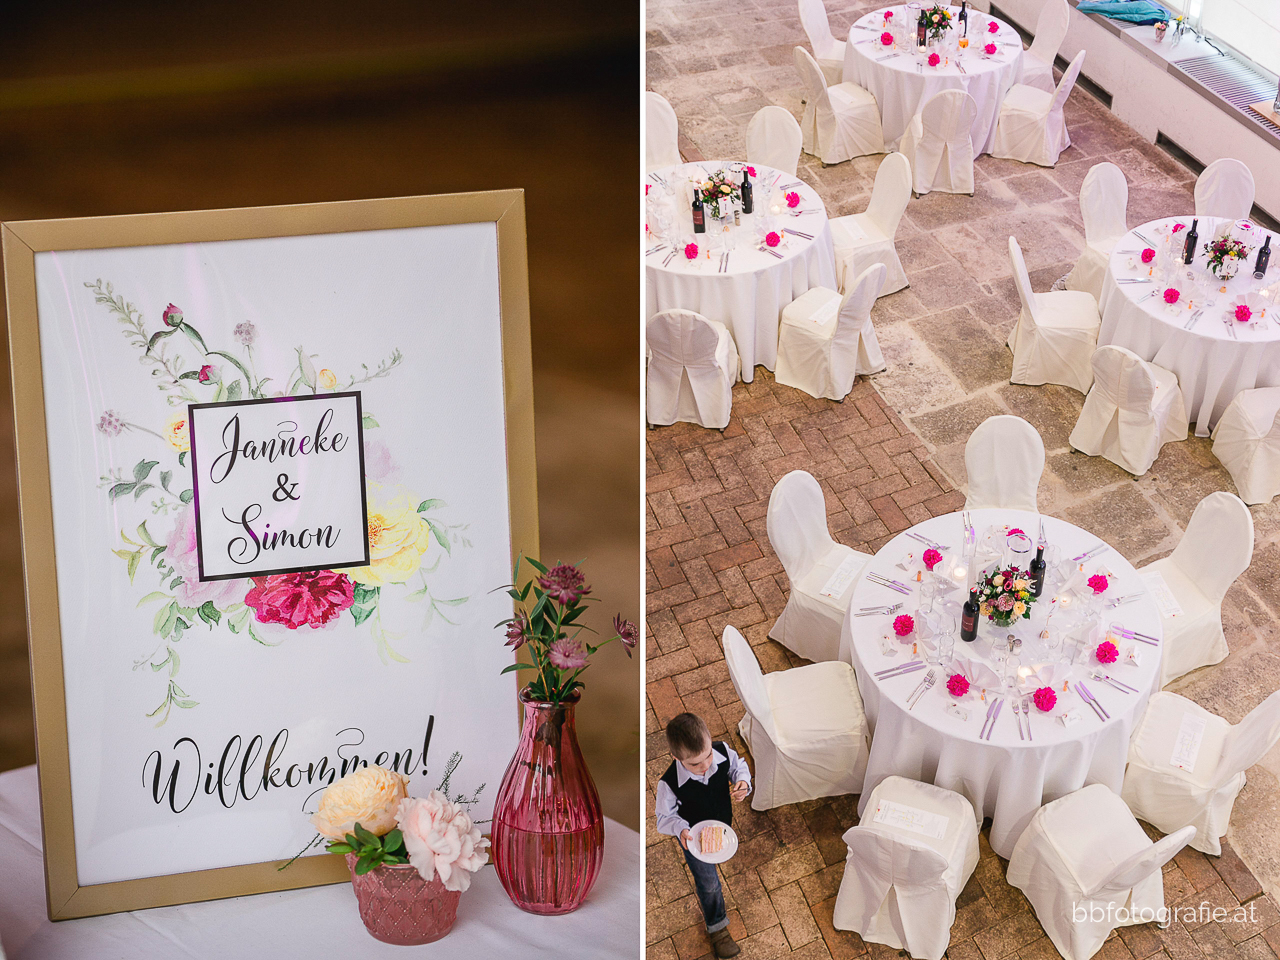 Hochzeitsfotograf, Hochzeitsfotograf Burgenland, Hochzeit Schloss Esterhazy, Hochzeit Orangerie Schloss Esterhazy, Hochzeitspapeterie, Hochzeitsdeko, Hochzeitslocation Burgenland, b&b fotografie